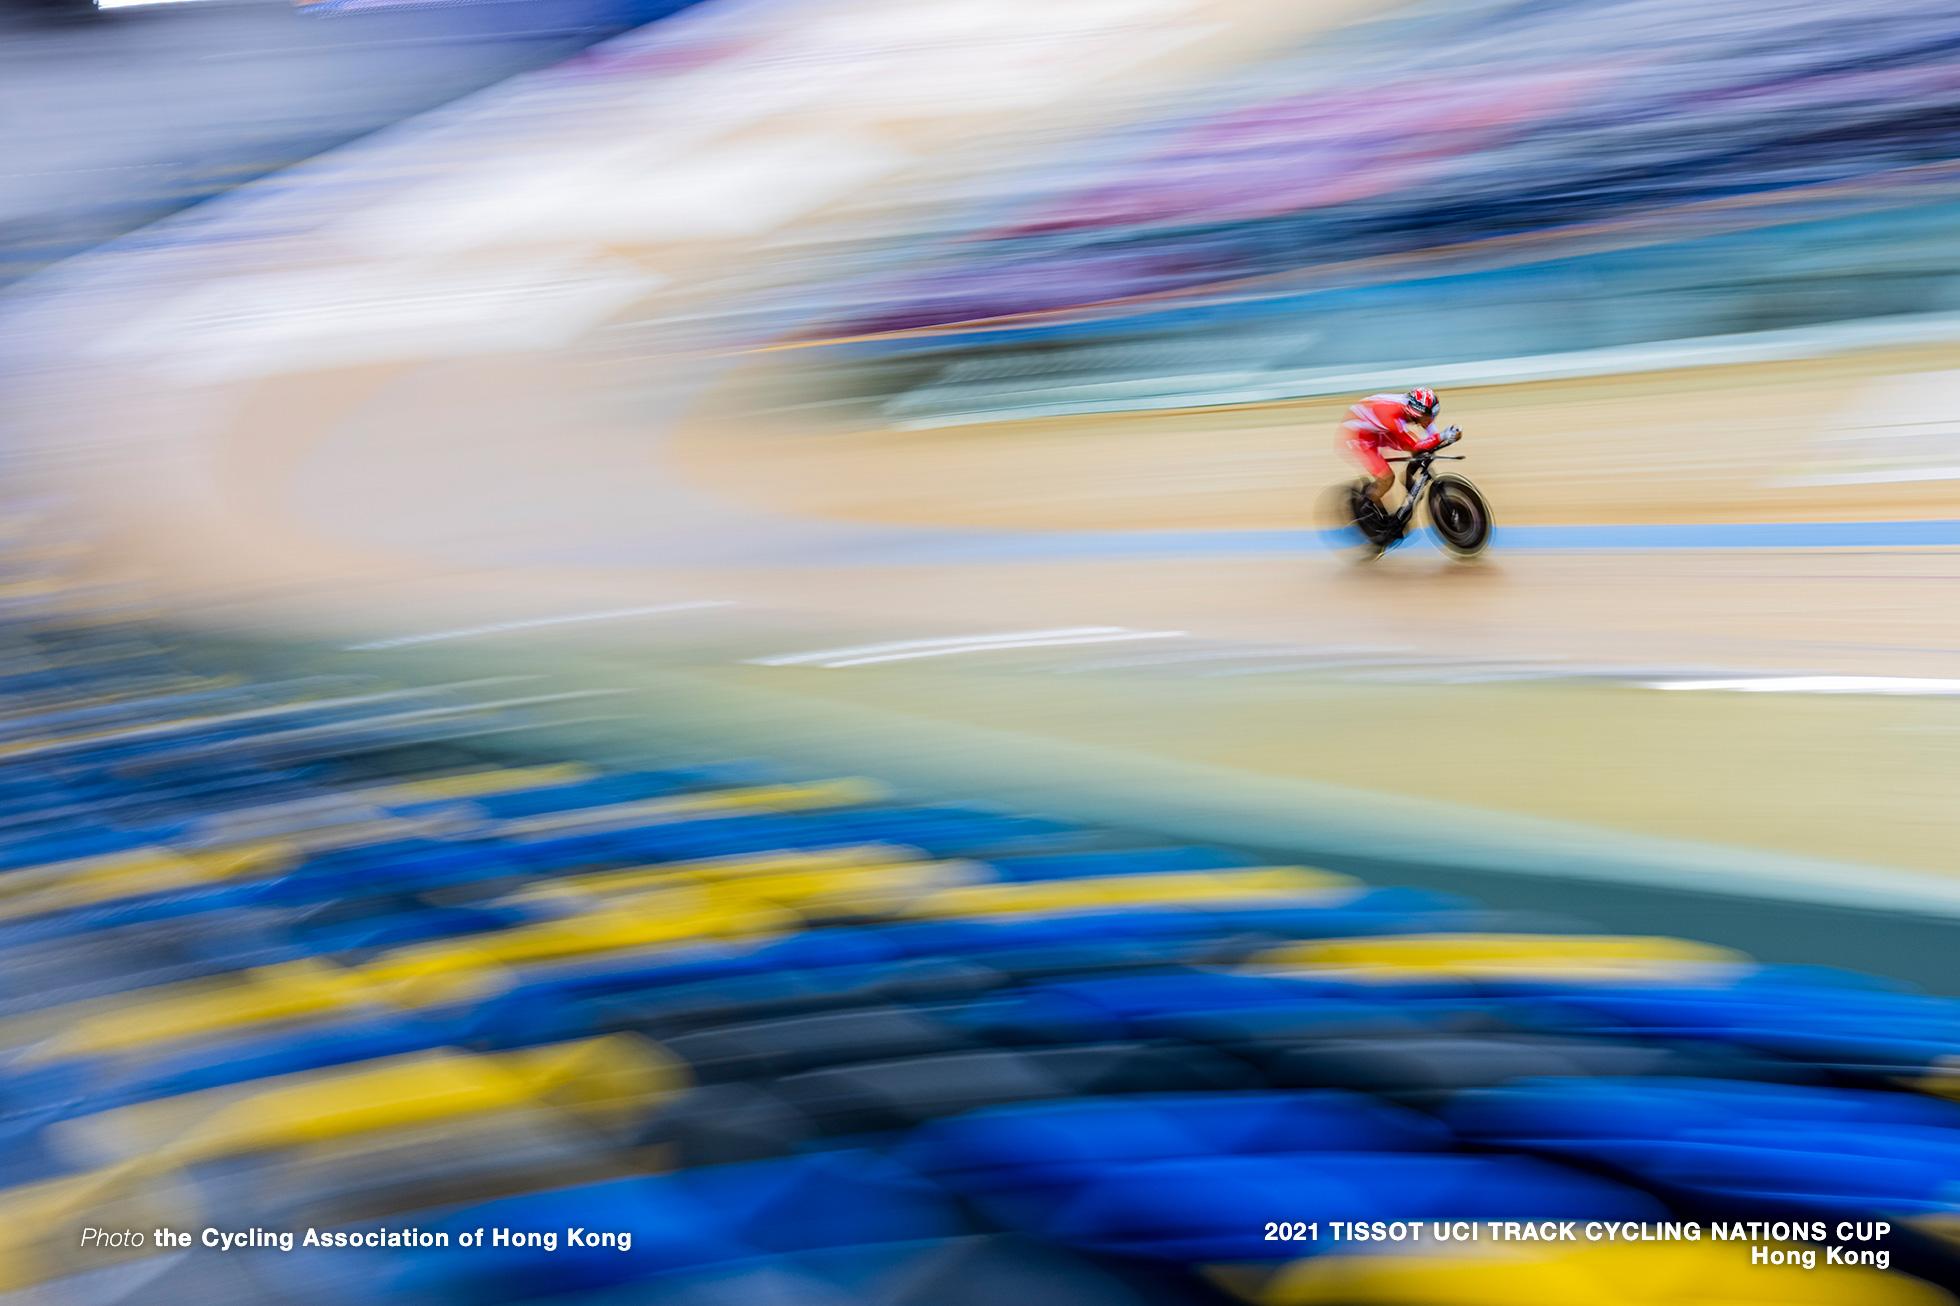 今村駿介/Shunsuke Imamura, Qualifying, Men's Individual Pursuit, TISSOT UCI TRACK CYCLING NATIONS CUP - HONG KONG